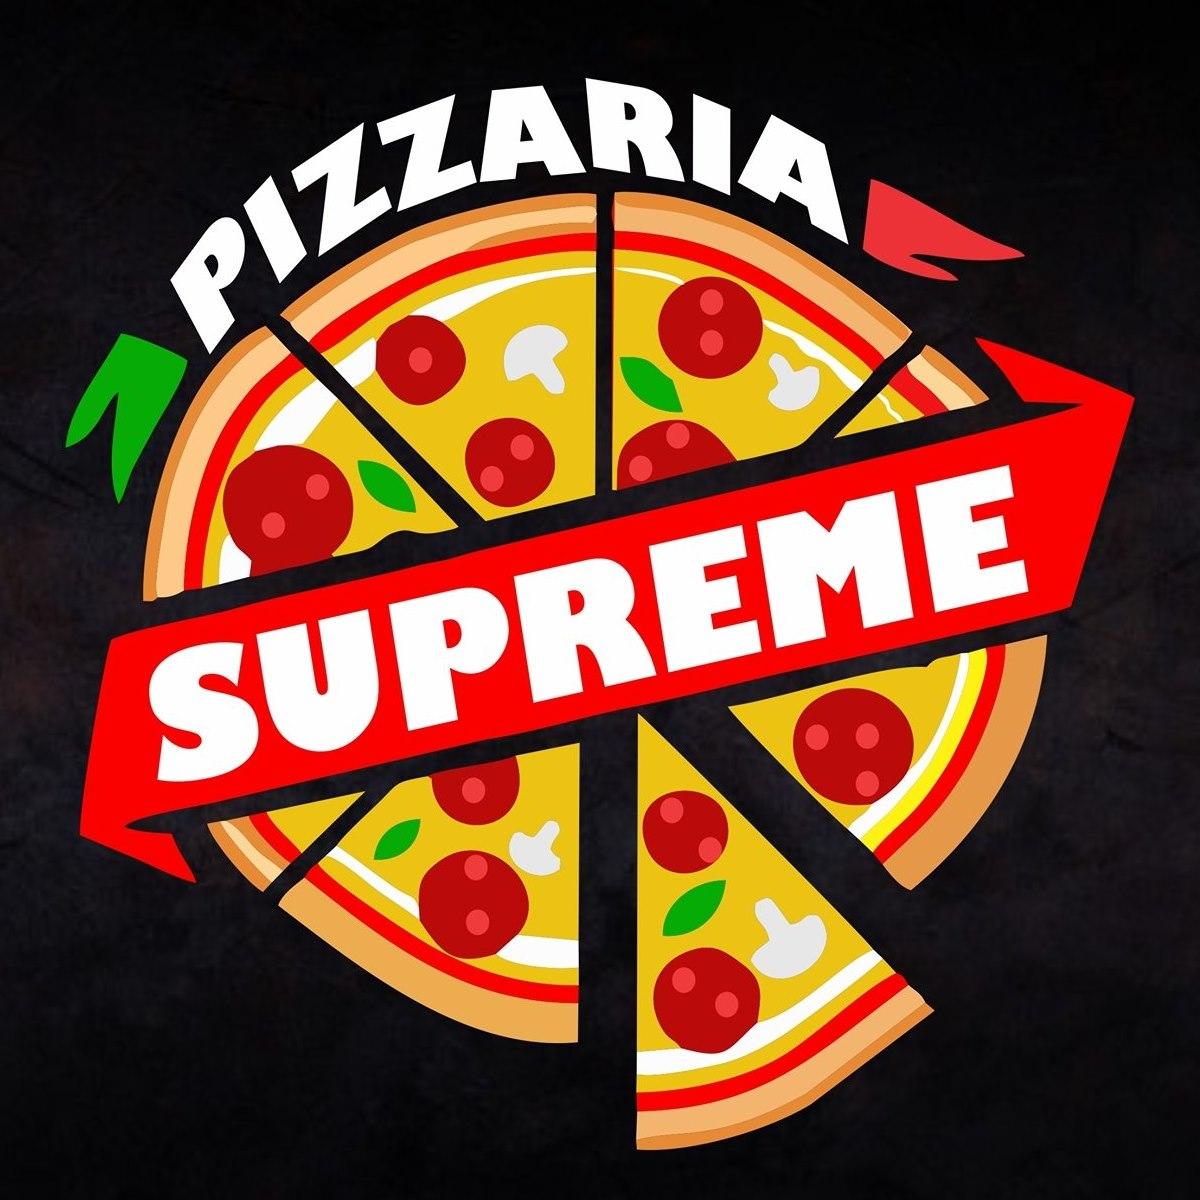 Pizzaria Supreme